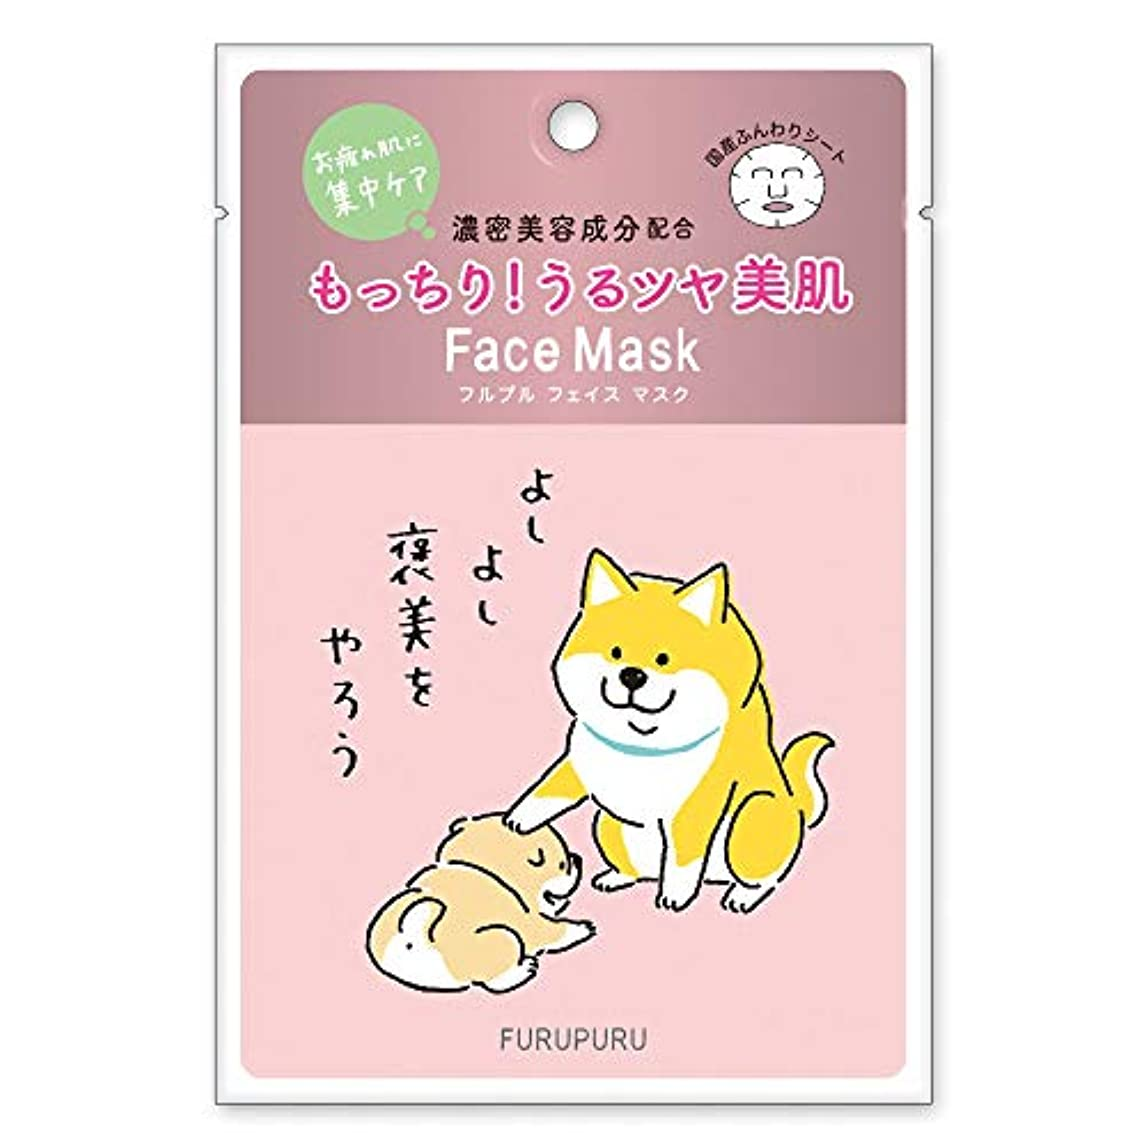 ブランド名ケープアサーフルプルクリーム フルプルフェイスマスク しばんばん 褒美をやろう やさしく香る天然ローズの香り 30g